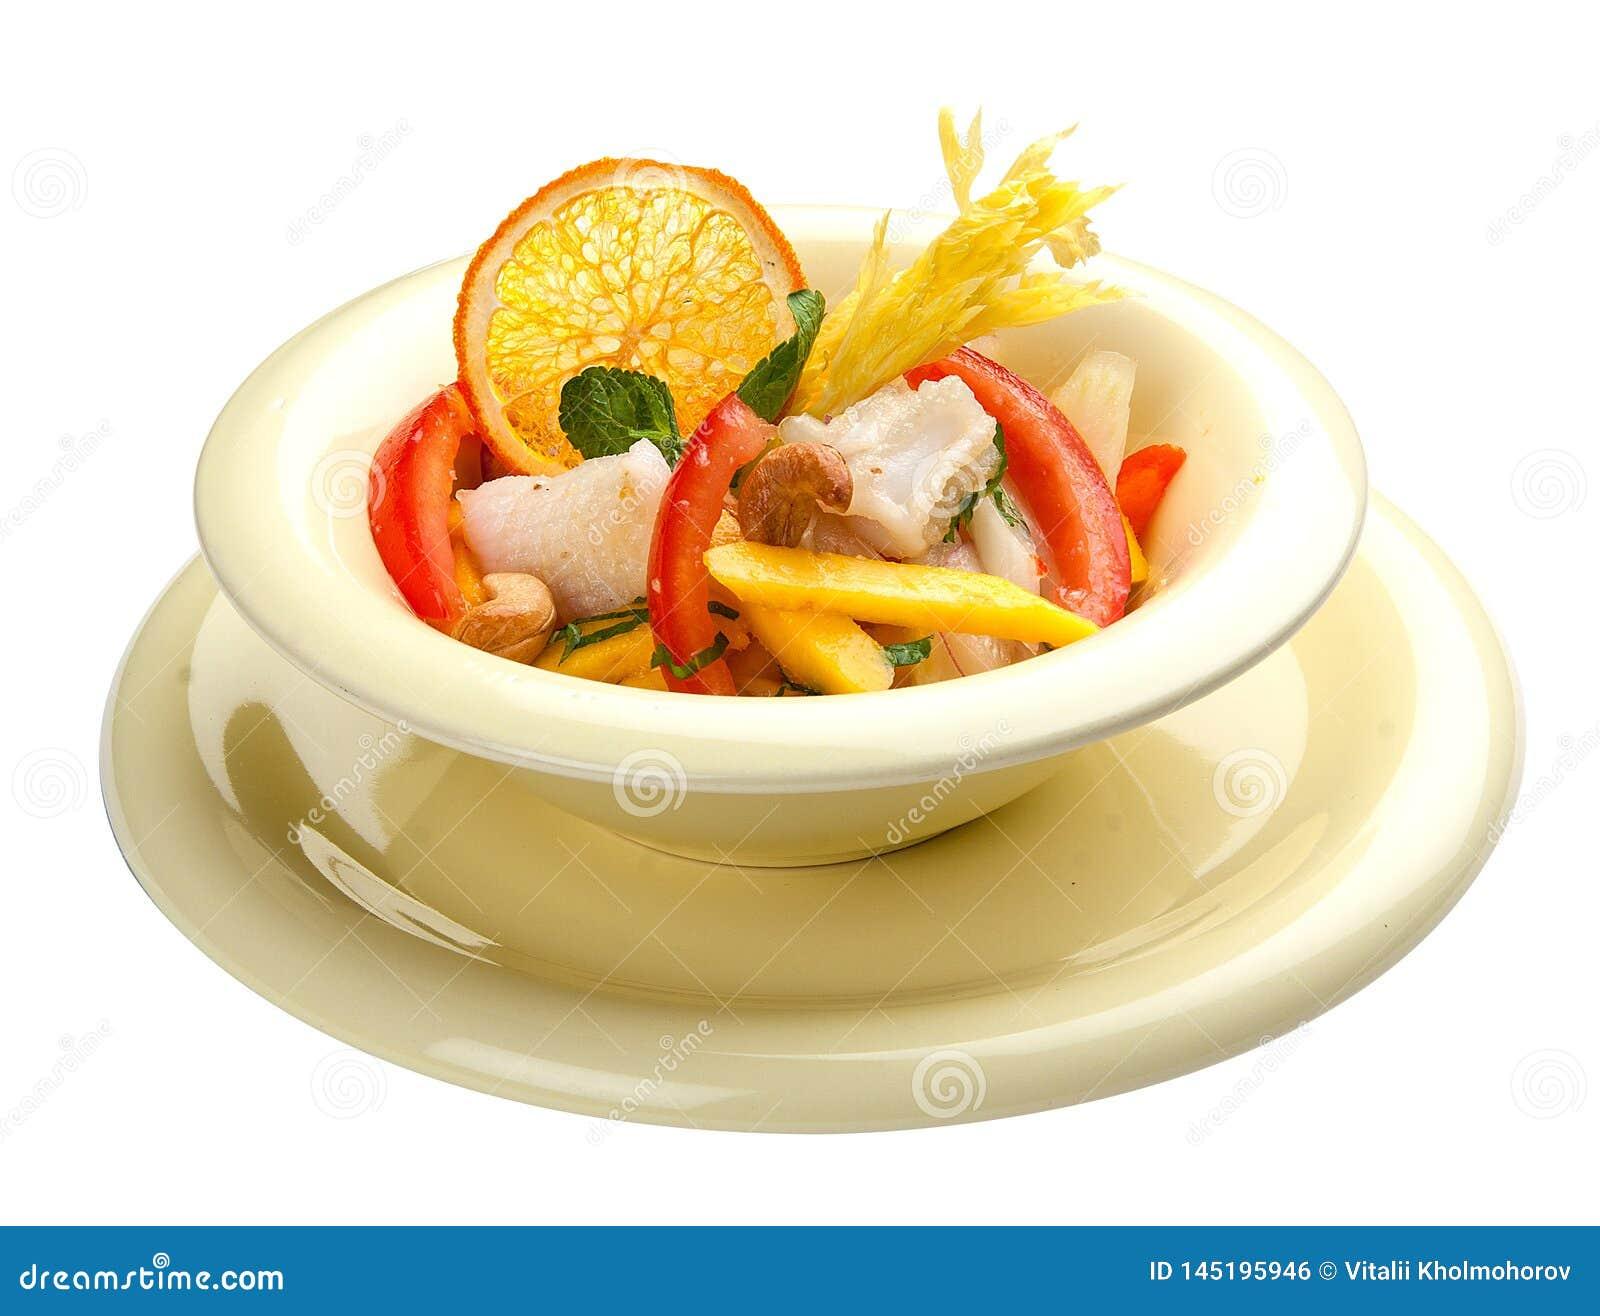 沙拉用乌贼和芒果 r